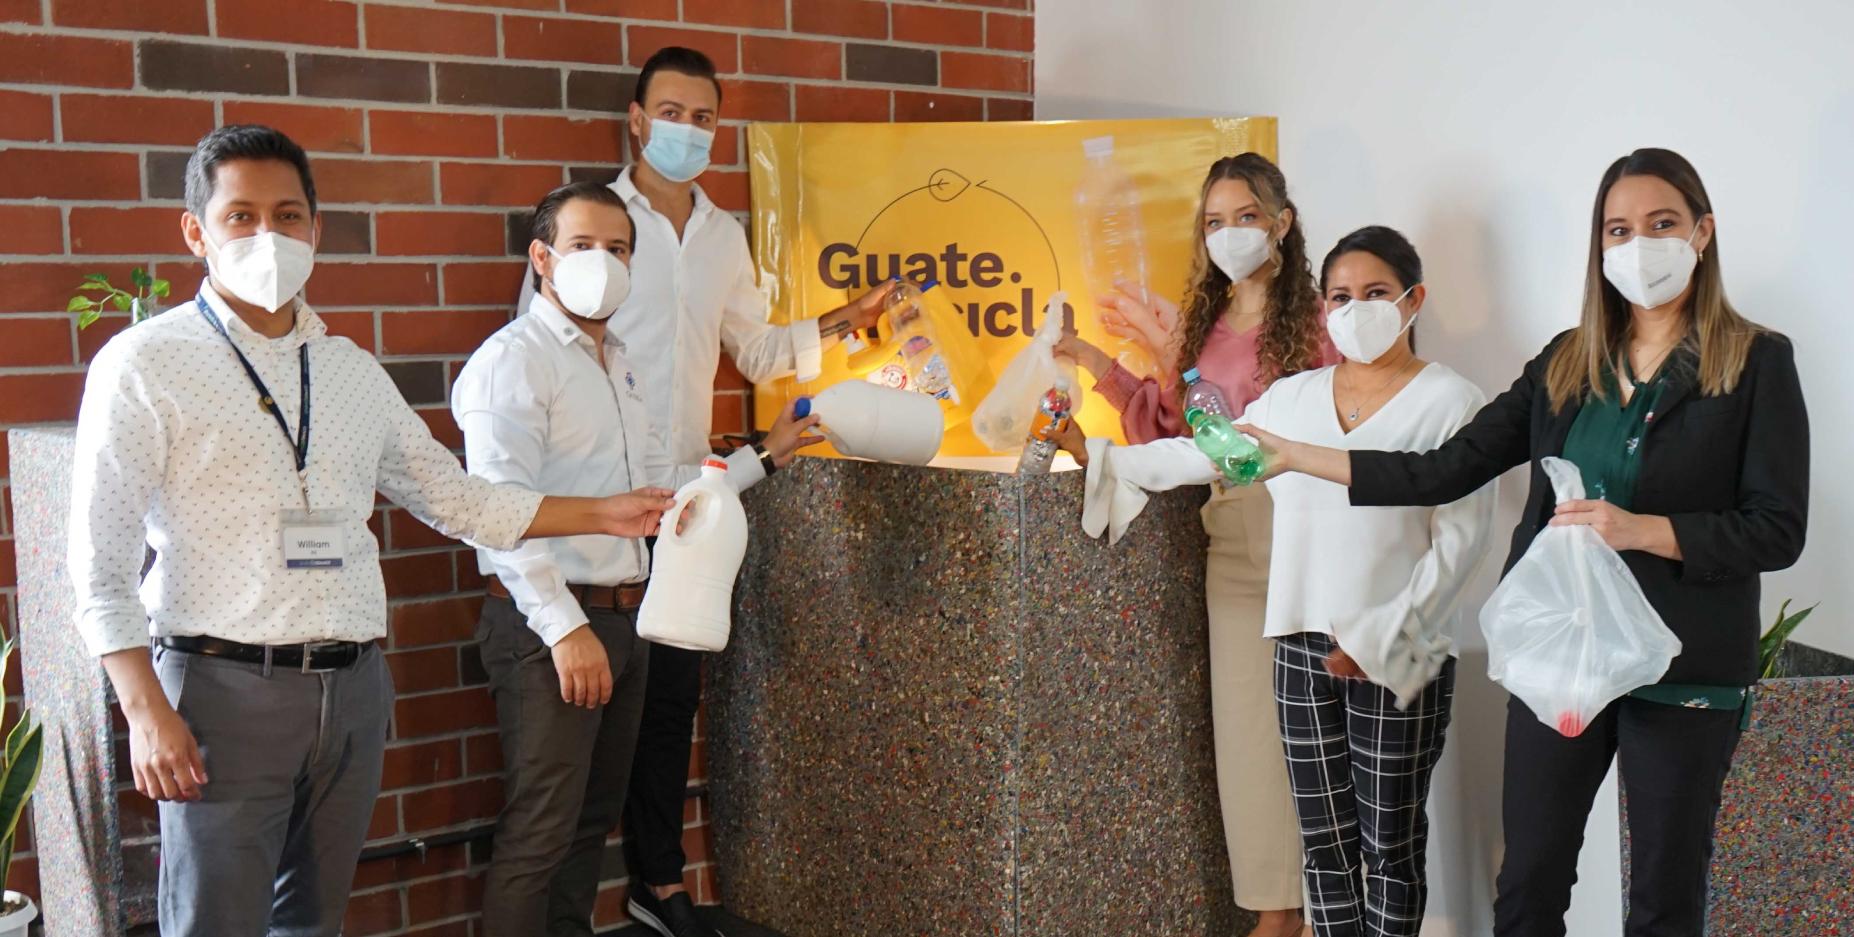 RECICLEMOS.GT y aliados convocan a los guatemaltecos a reciclar plástico por medio de campaña GUATE RECICLA